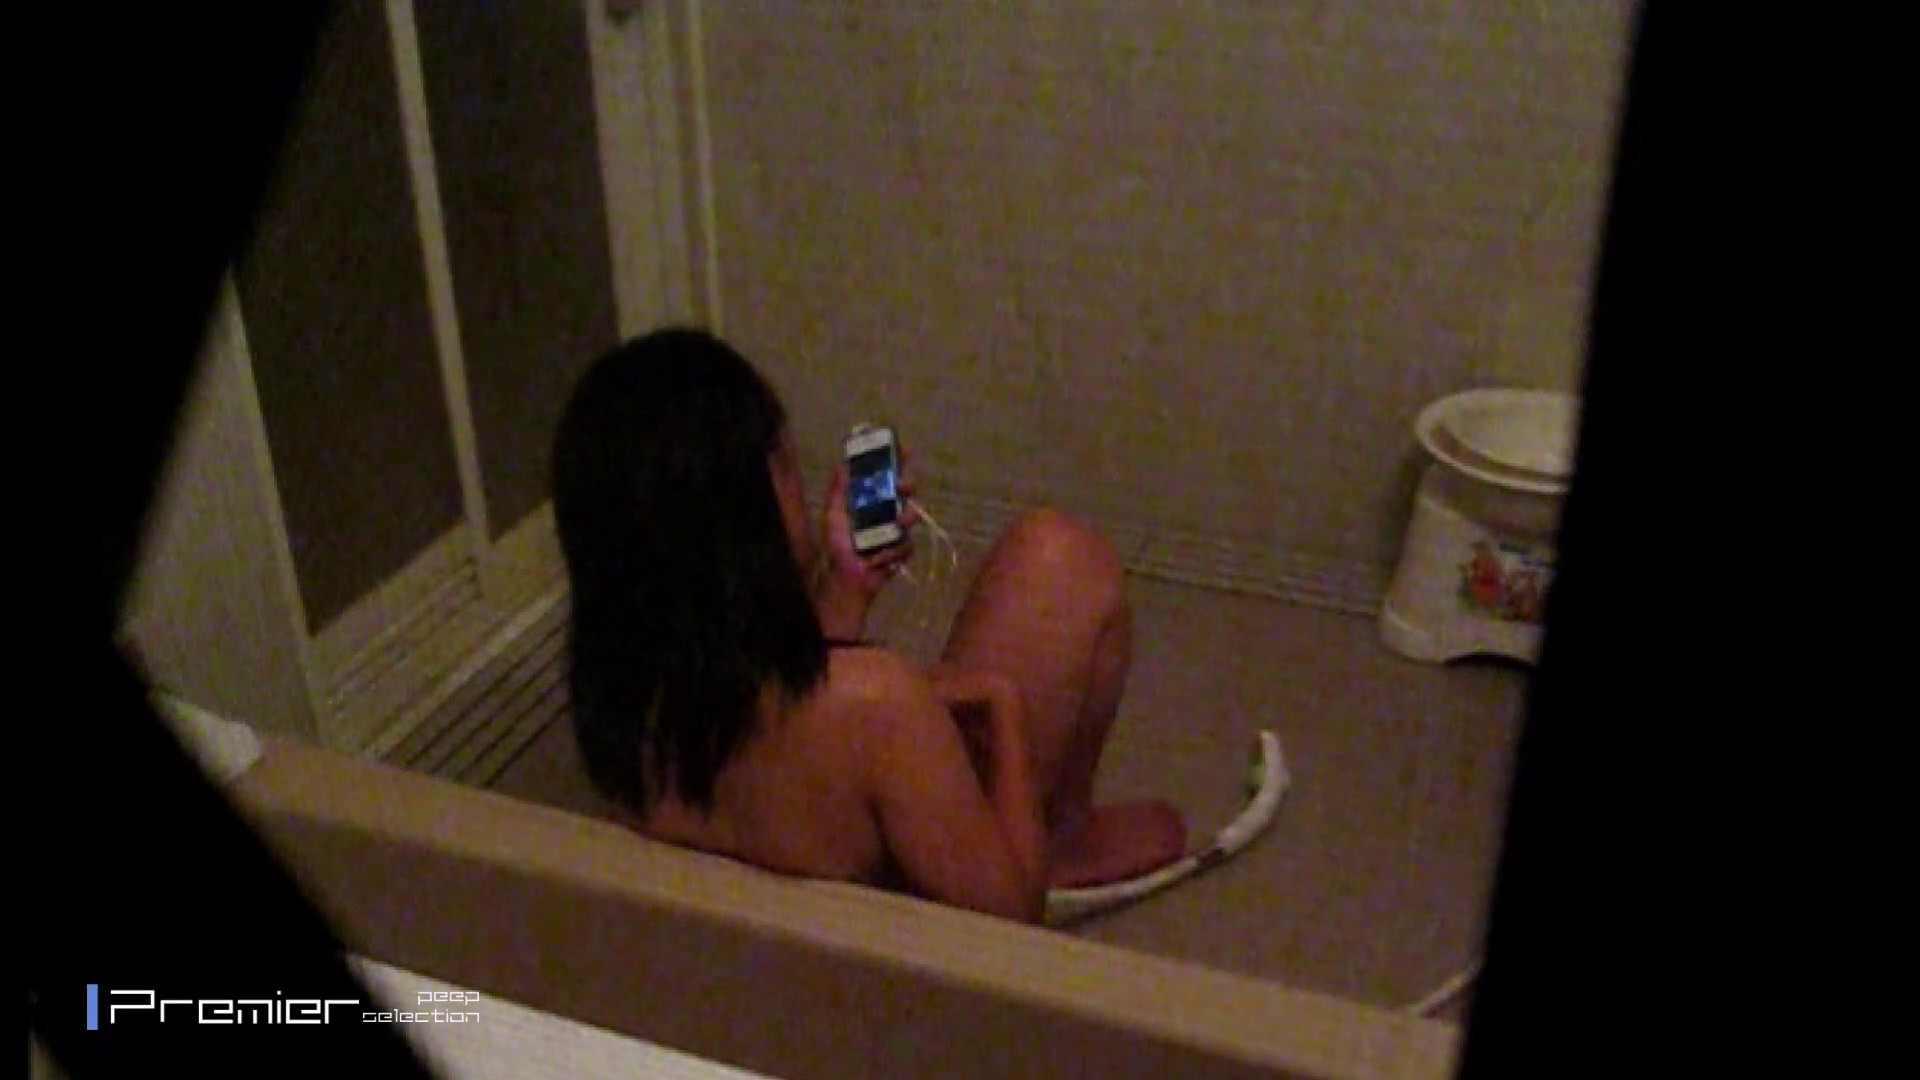 携帯触りなが満子をいじる 乙女の風呂場 Vol.19 細身体型 おまんこ無修正動画無料 106枚 40